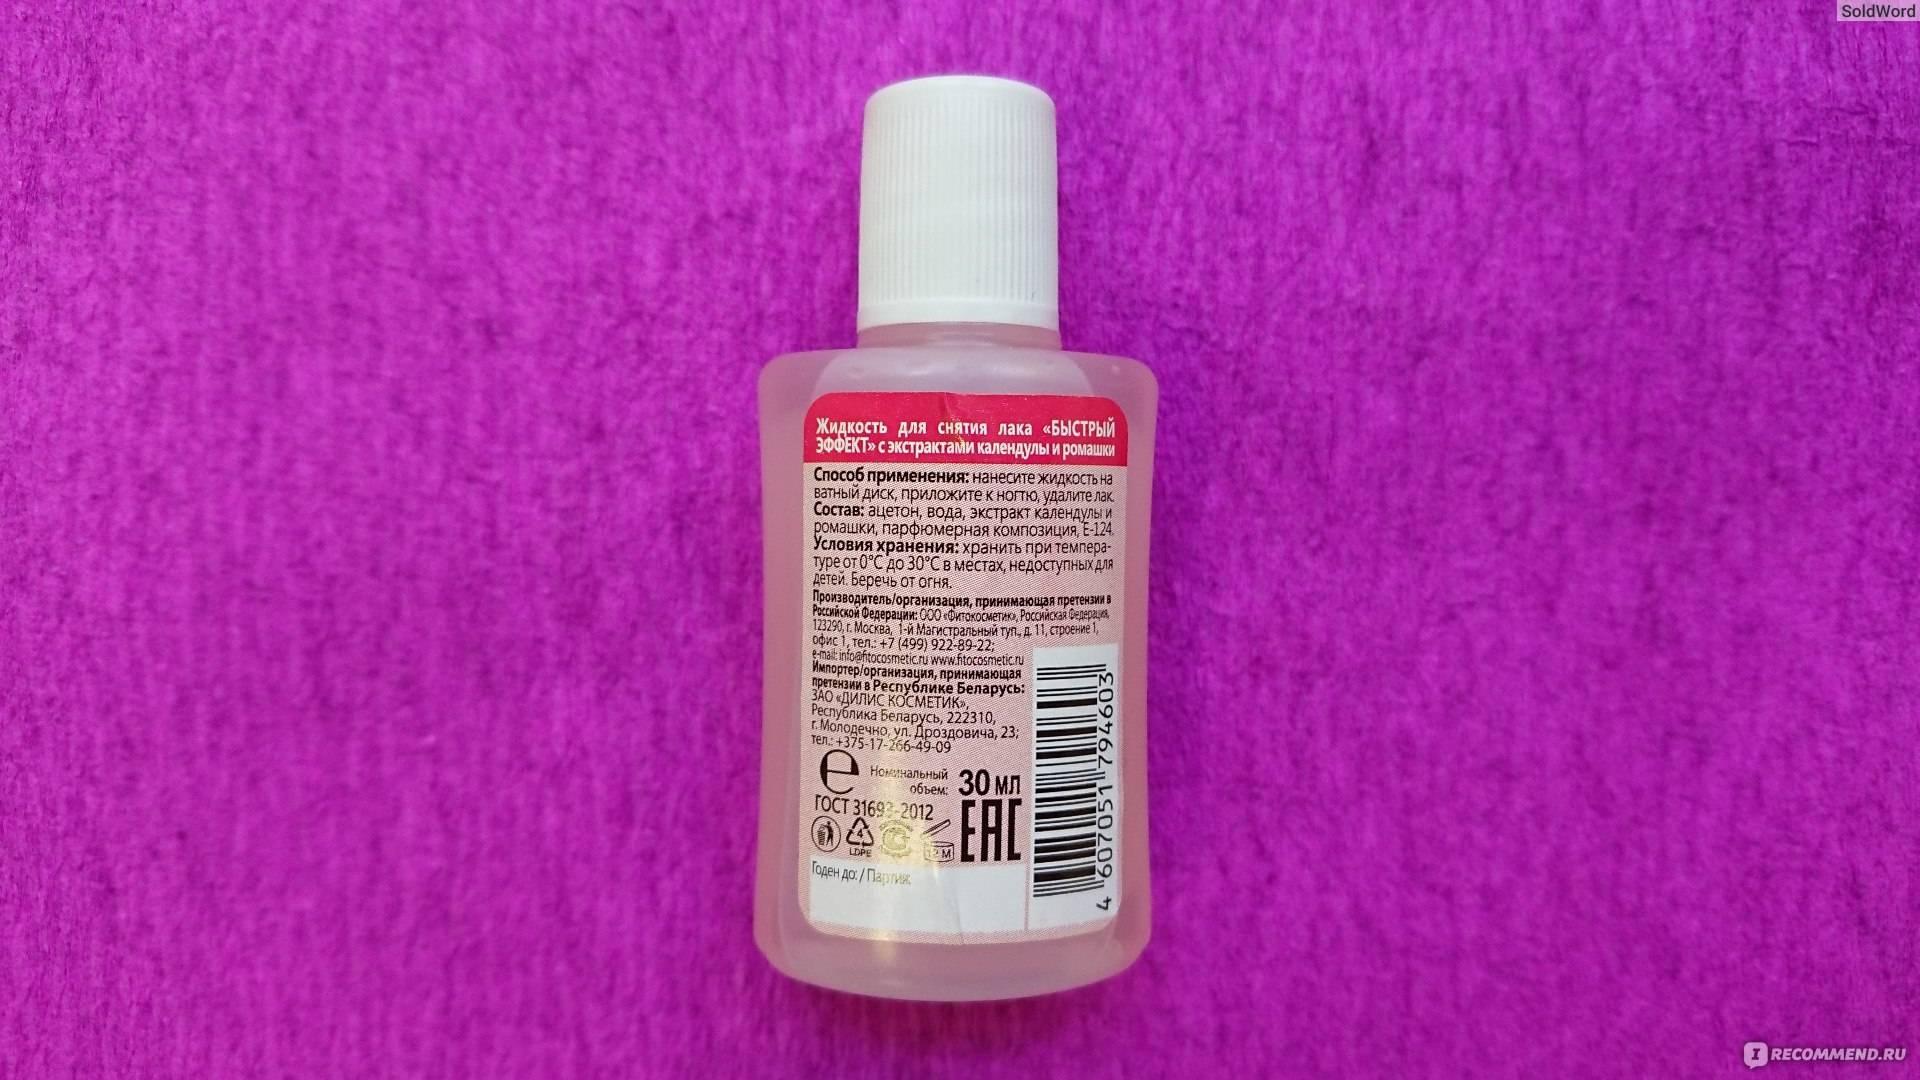 Мыло попало в глаза: что делать в случае шампуня или хозяйственного средства - первая помощь ребенку и взрослому